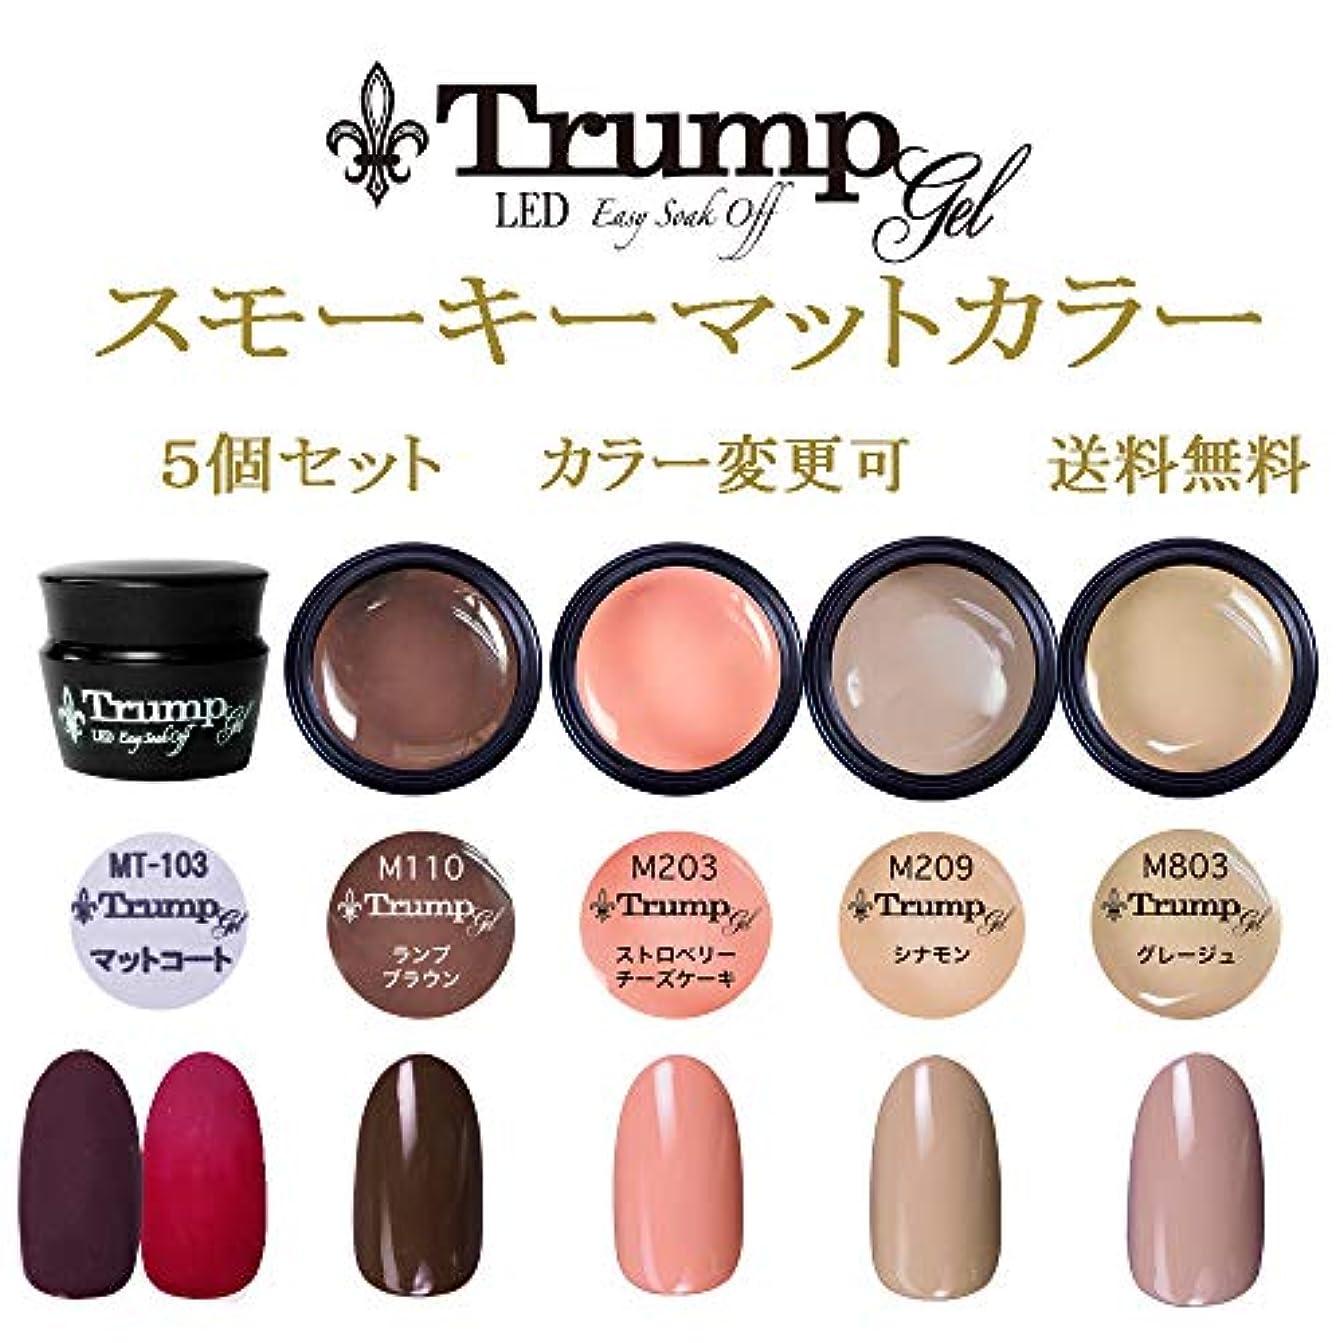 倉庫過言悩む【送料無料】日本製 Trump gel トランプジェル スモーキーマット カラージェル 5個セット 魅惑のフロストマットトップとマットに合う人気カラーをチョイス